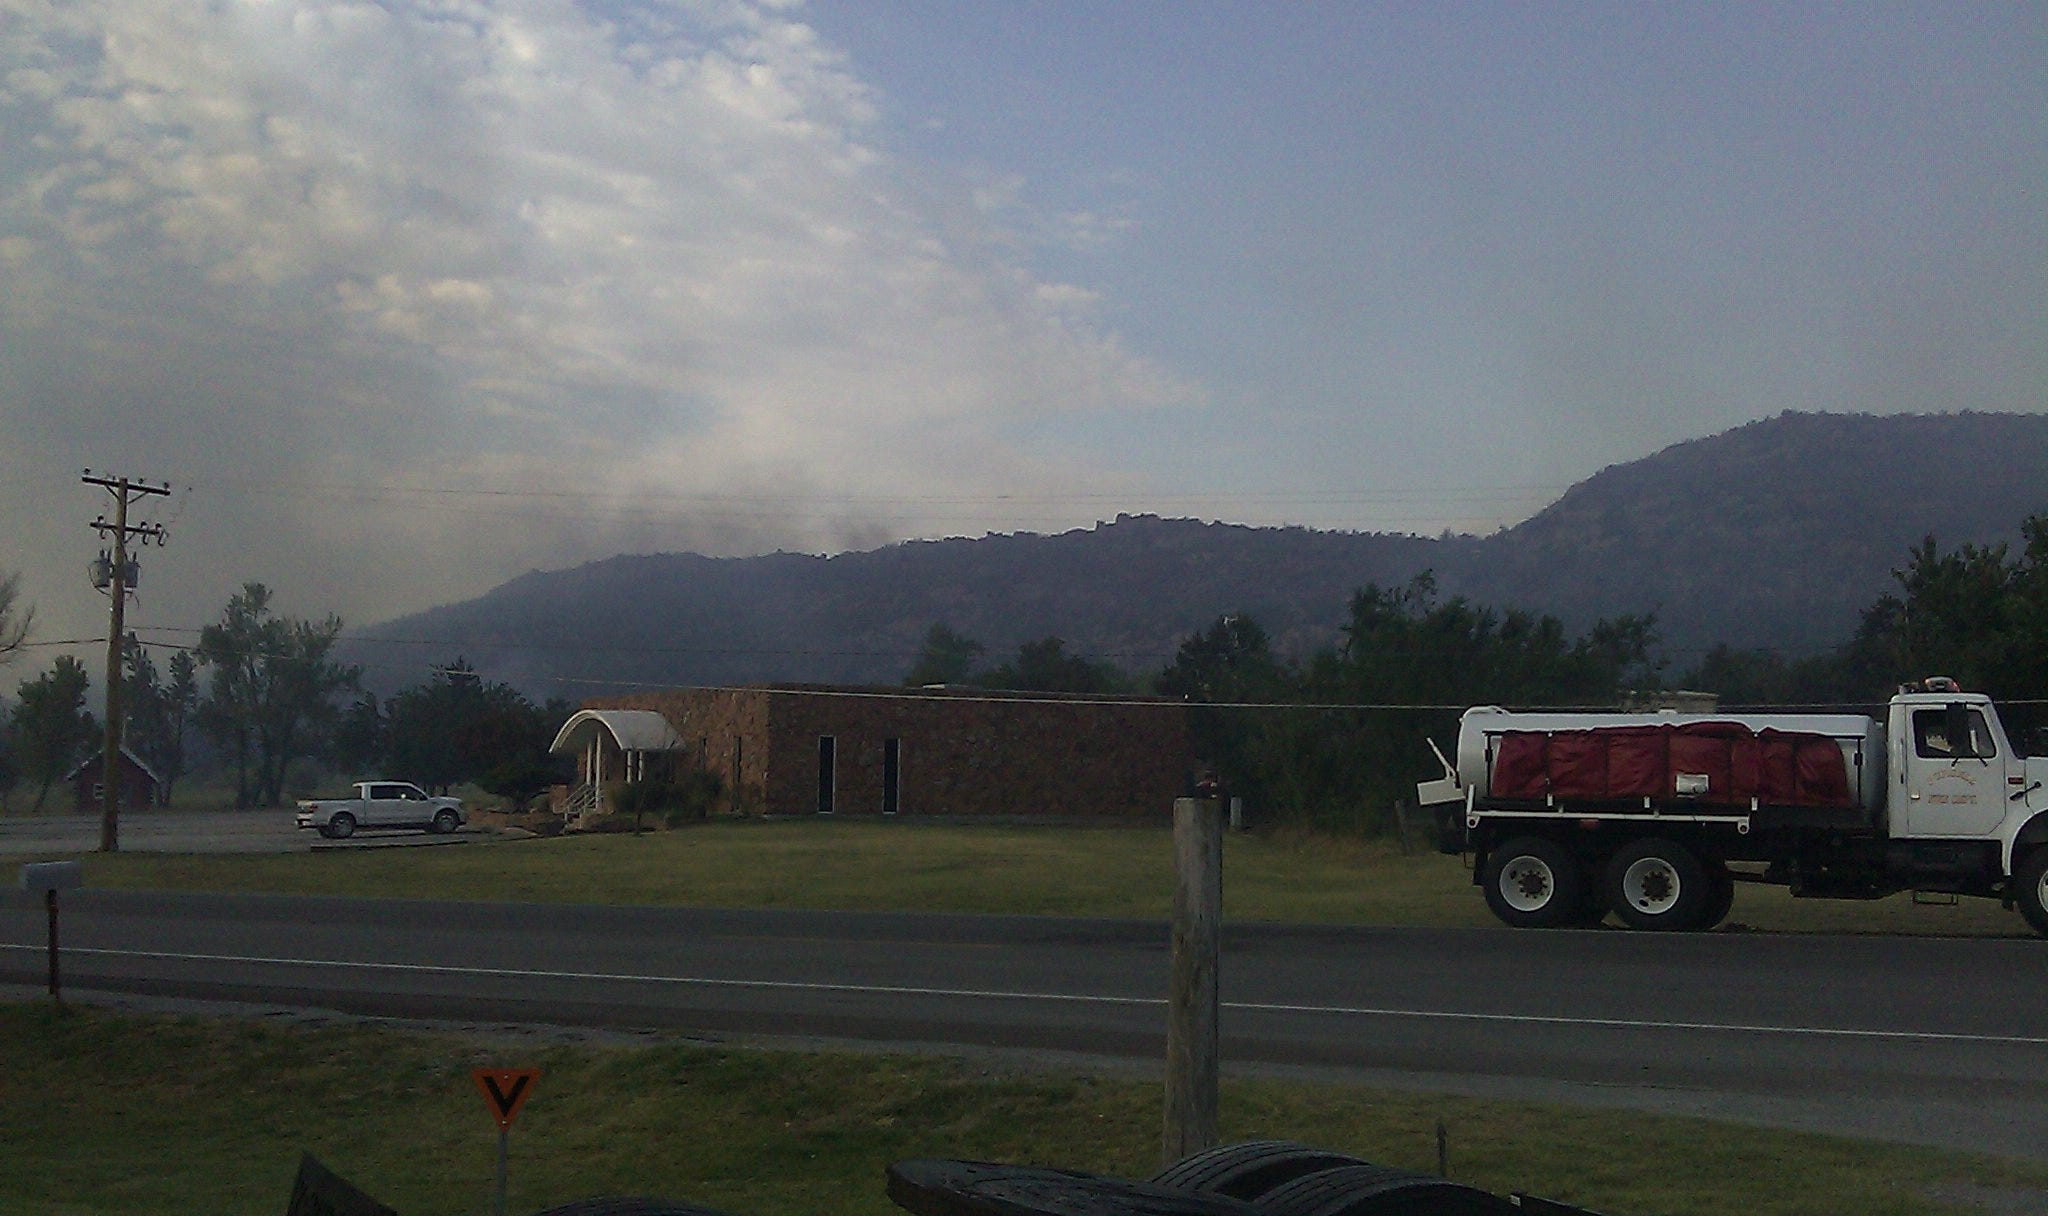 Medicine Park Residents Return After Fire